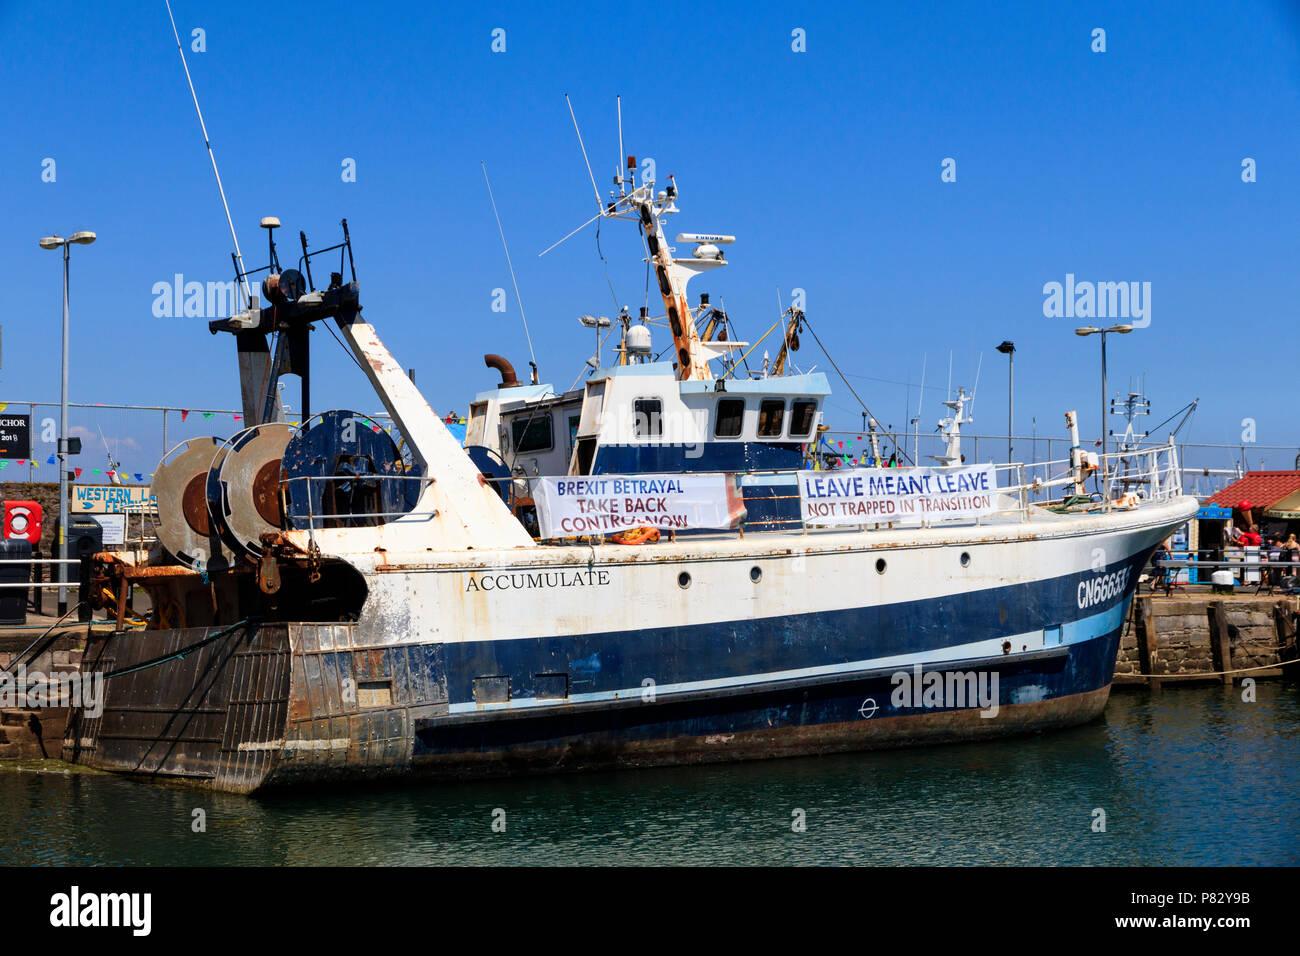 Arrastrero Offshore acumular llevando pancartas de protesta pesca Brexit en Brixham puerto, Devon, Reino Unido Foto de stock